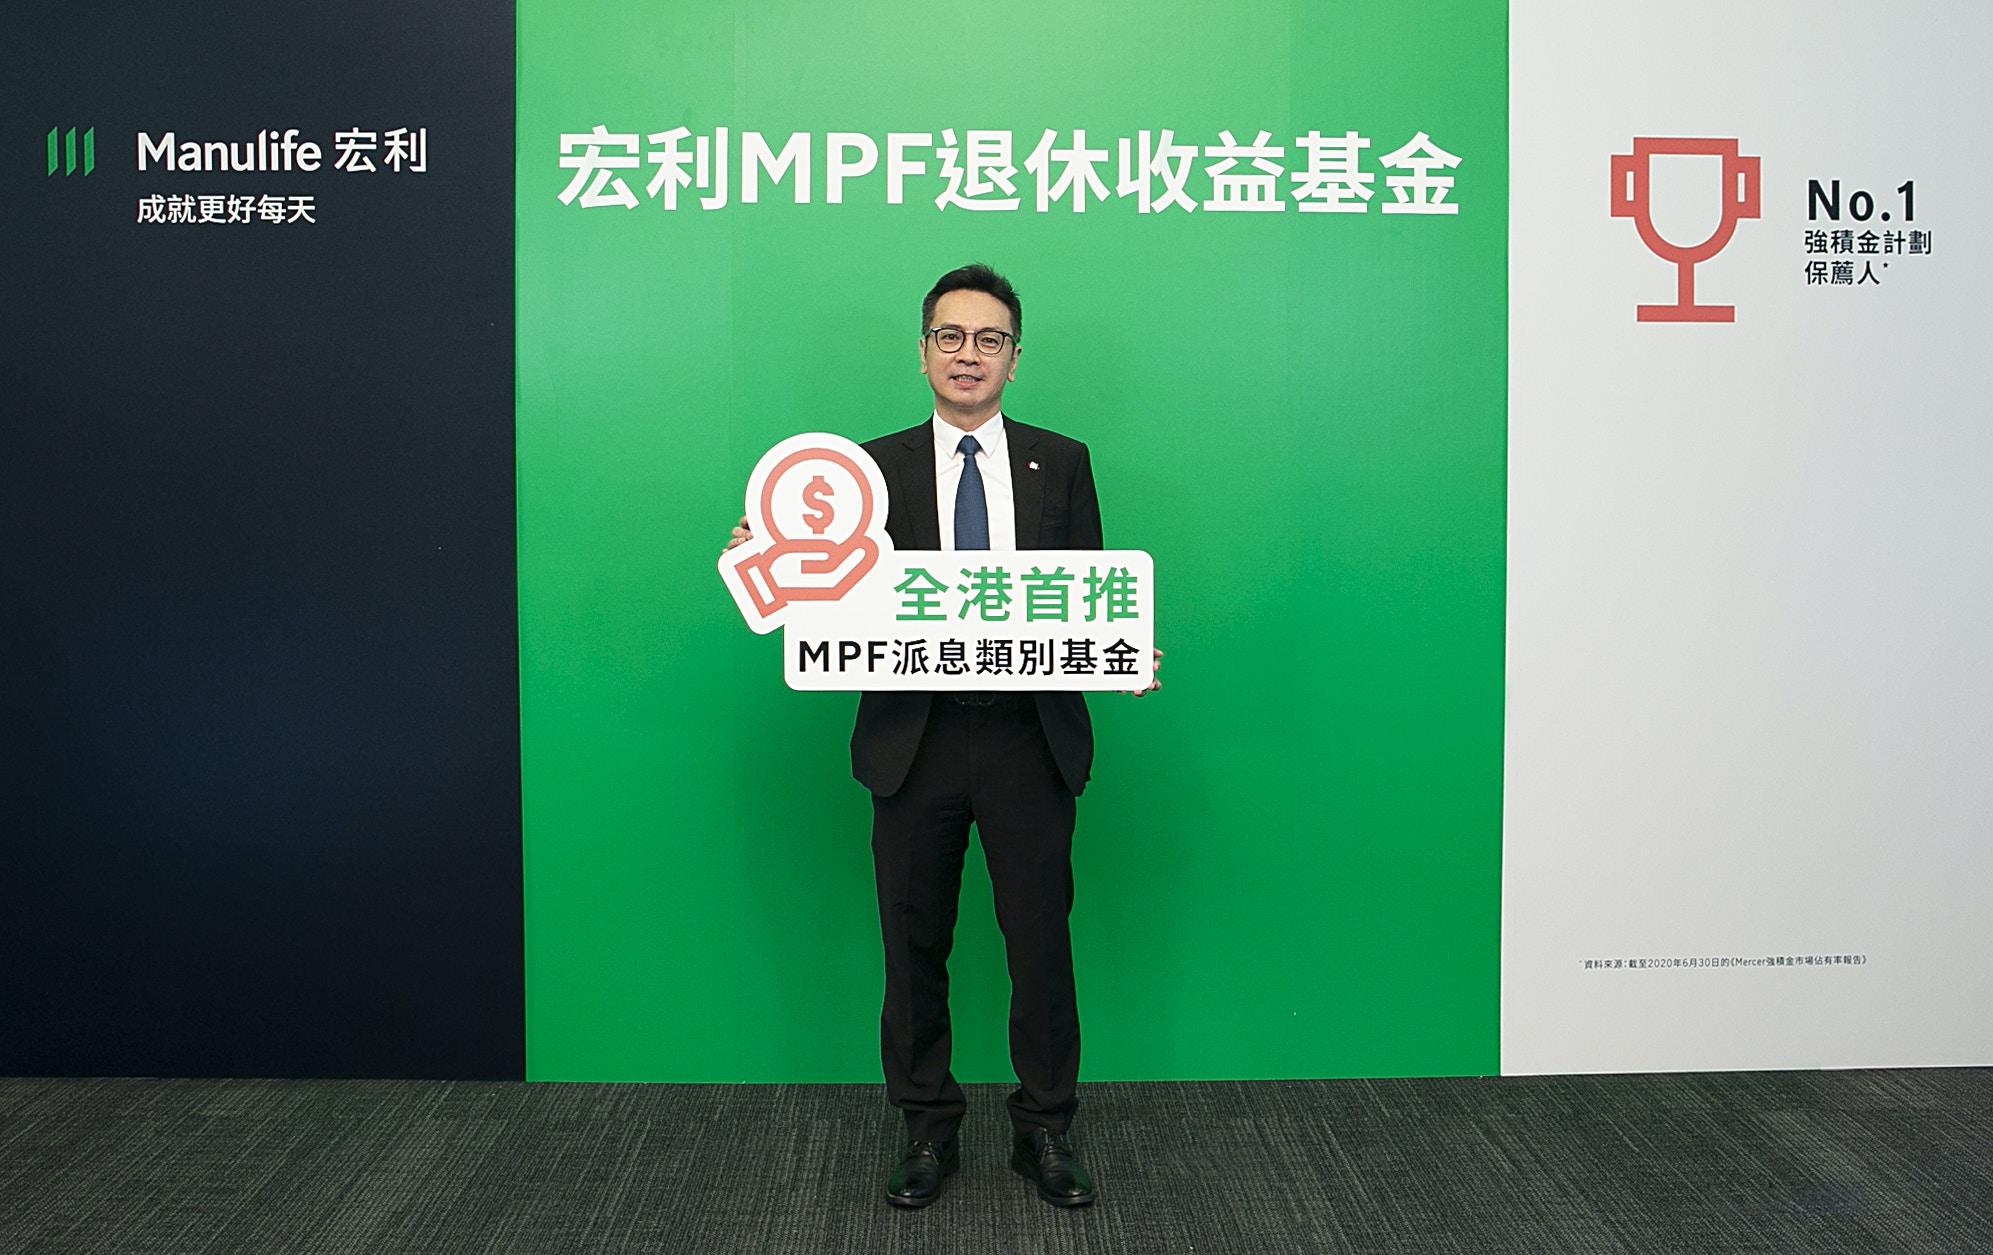 【MPF】宏利推派息類基金 冀年度化派息率4% 香港01 財經快訊